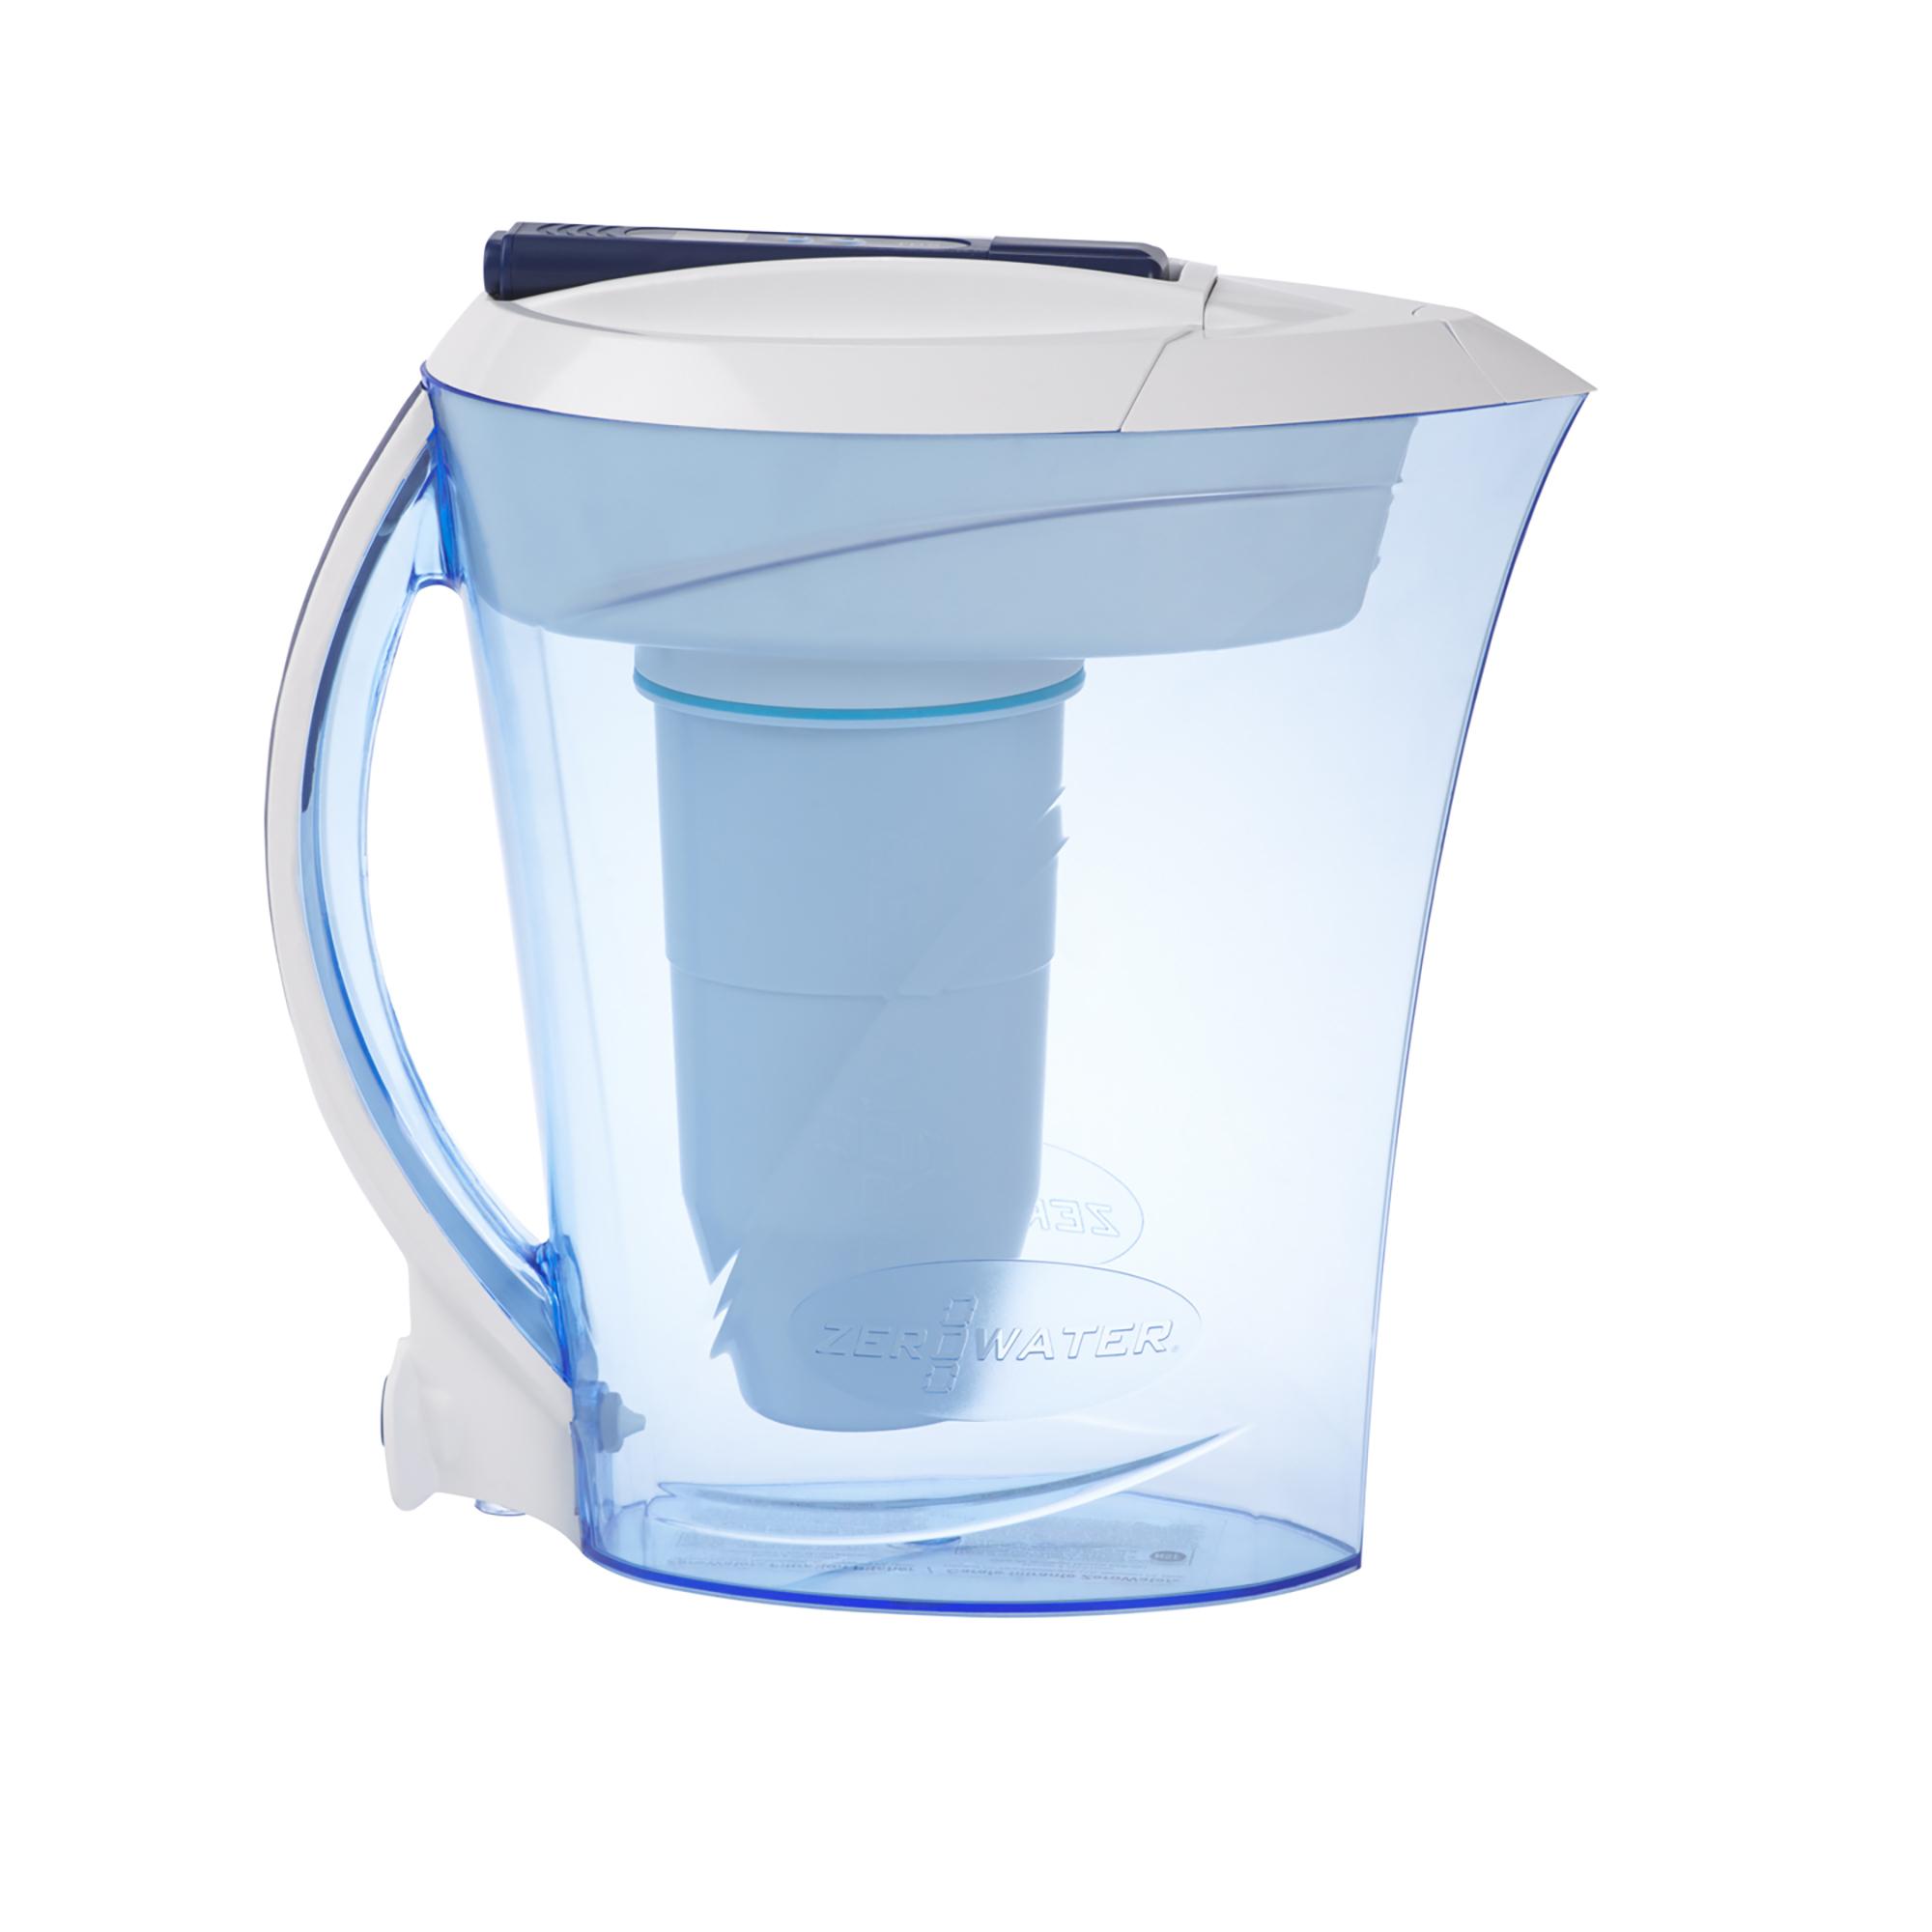 ZeroWater - 2 4-litre ZeroWater jug with TDS meter